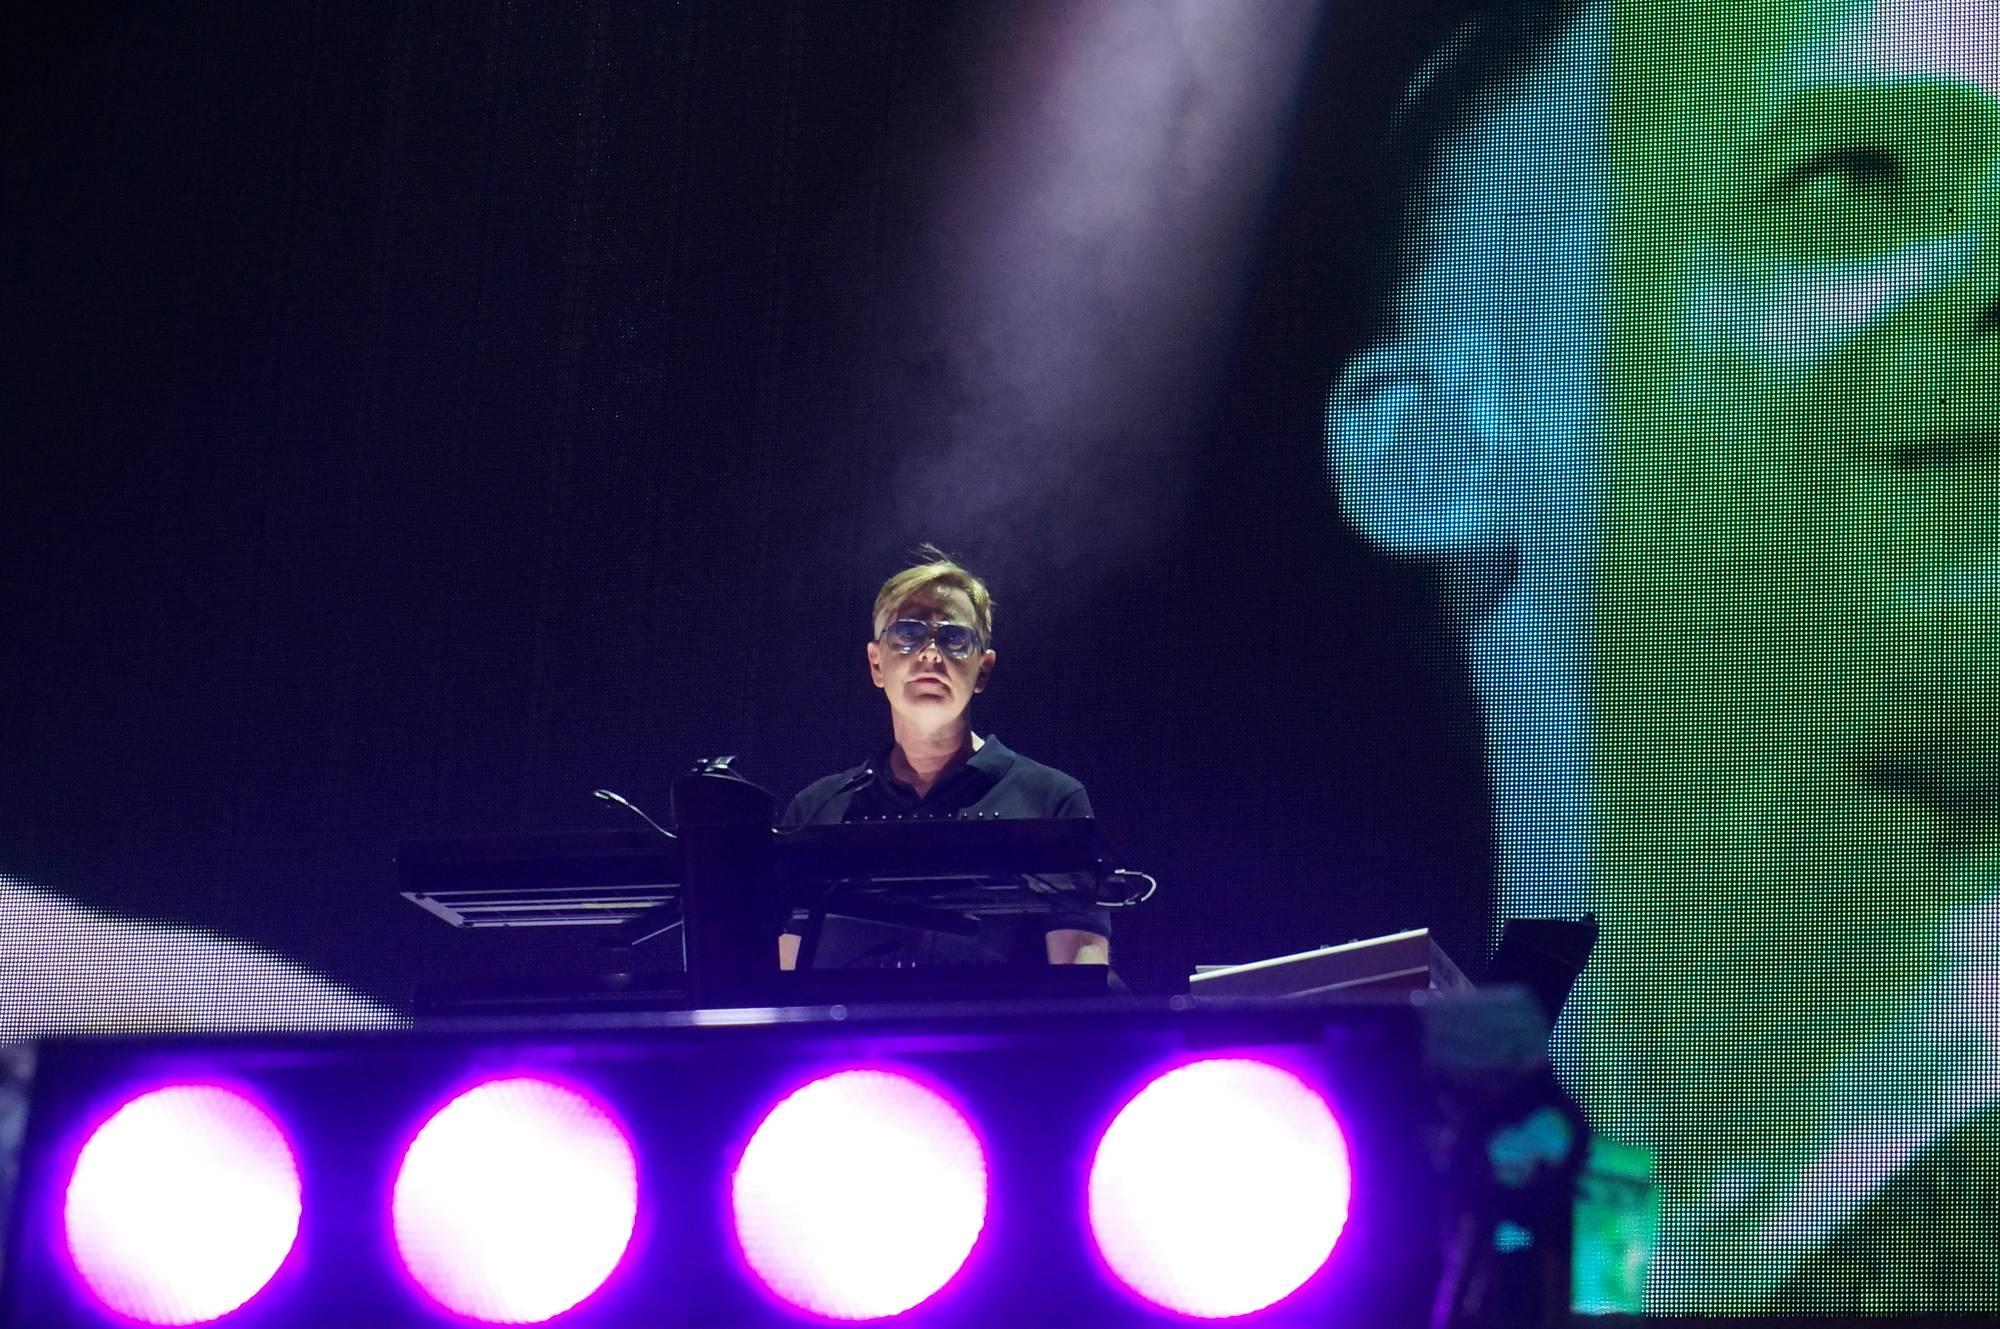 Depeche Mode at the Santa Barbara Bowl